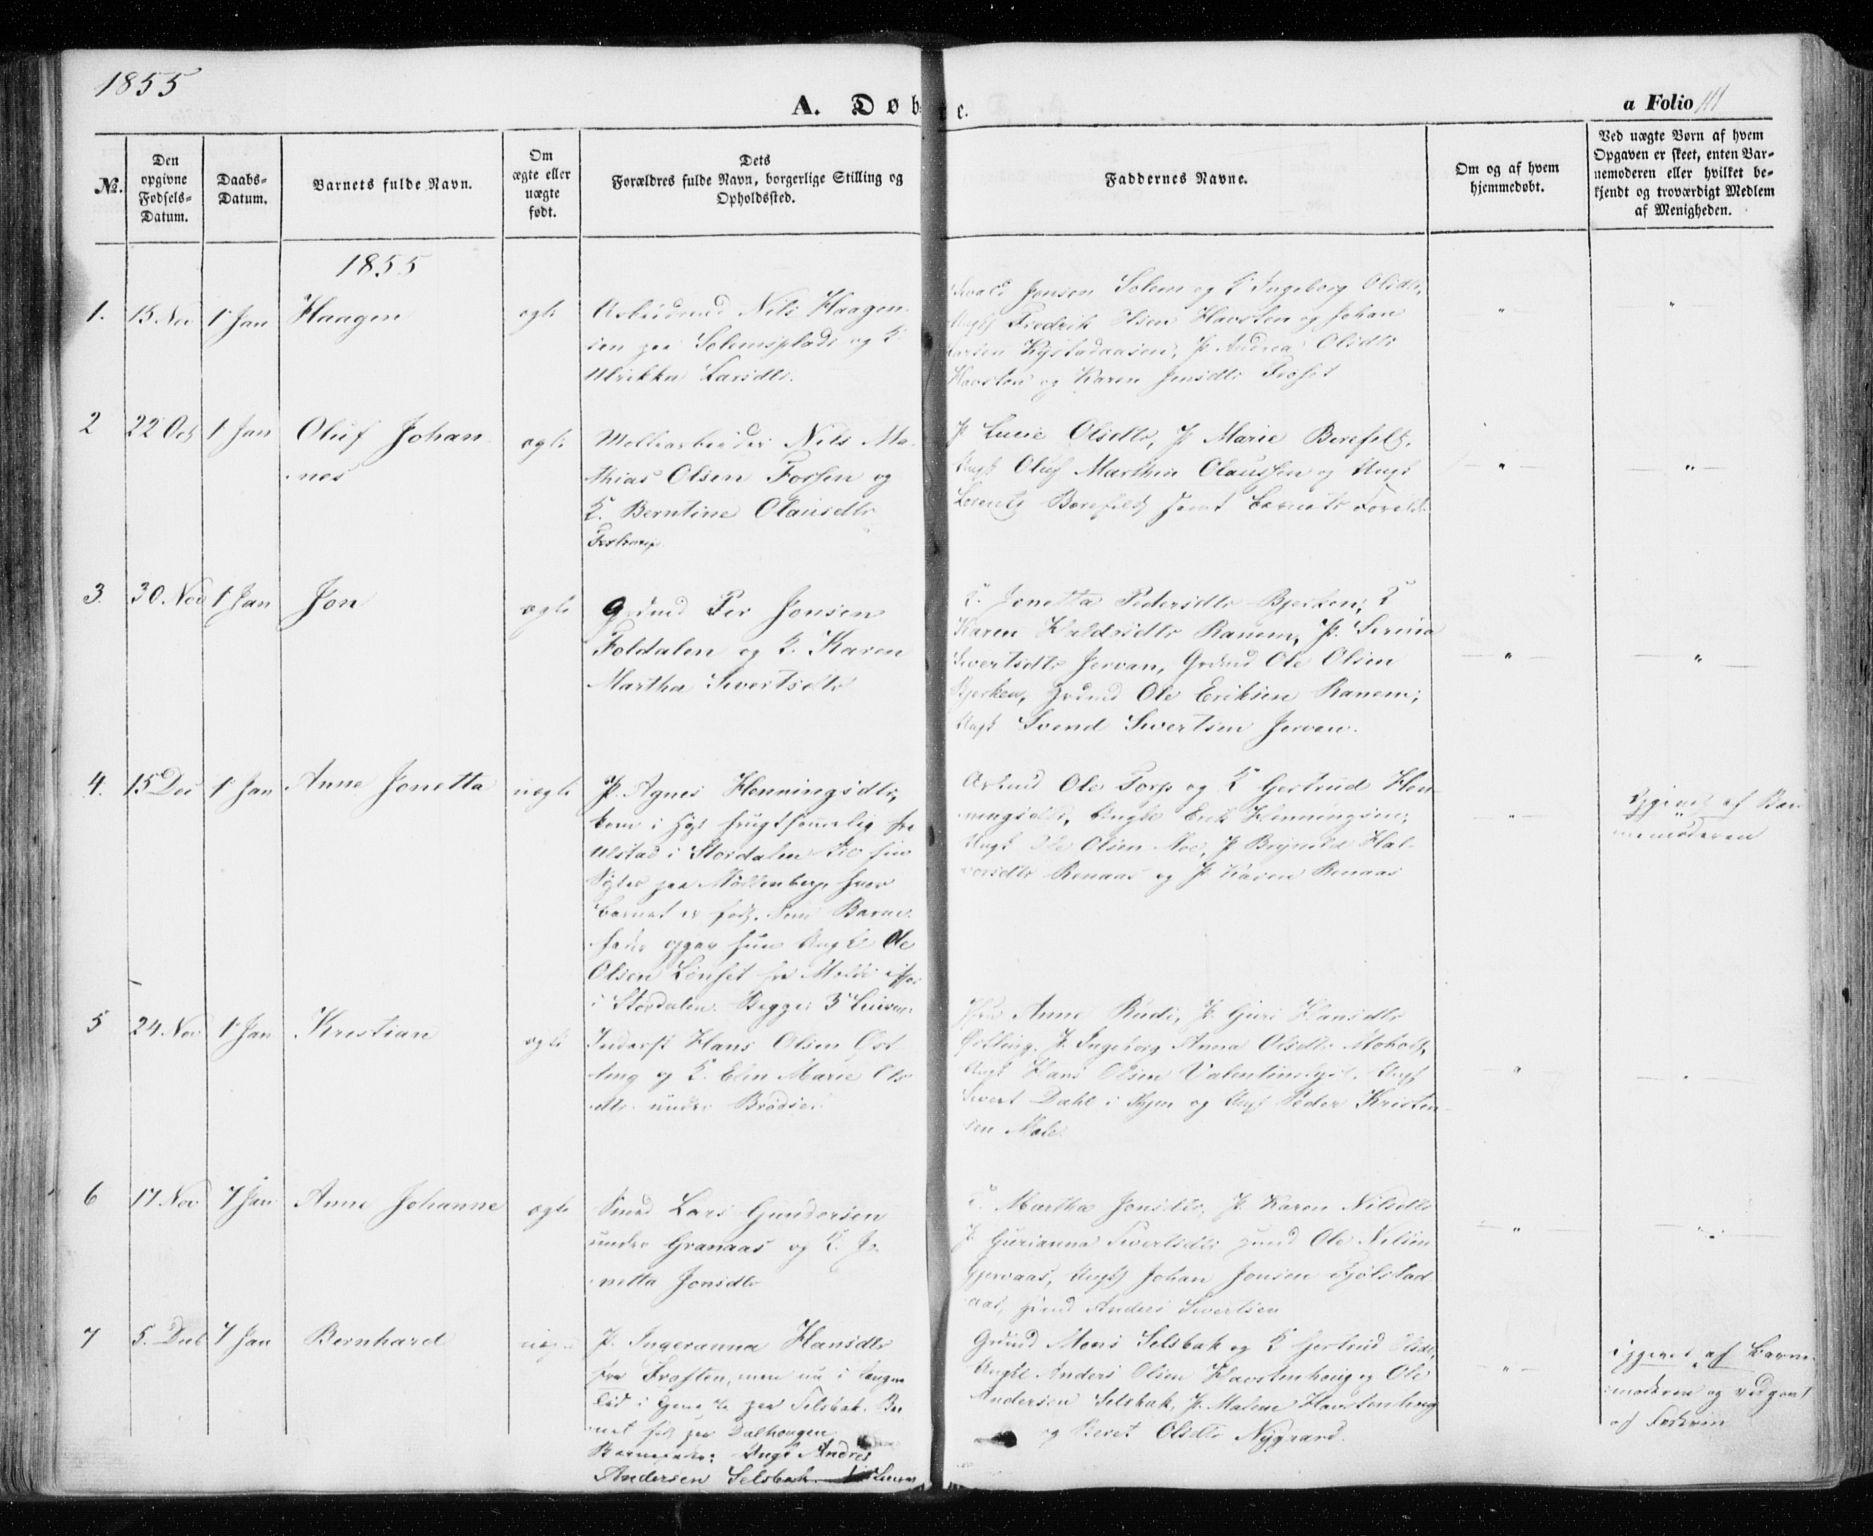 SAT, Ministerialprotokoller, klokkerbøker og fødselsregistre - Sør-Trøndelag, 606/L0291: Ministerialbok nr. 606A06, 1848-1856, s. 111